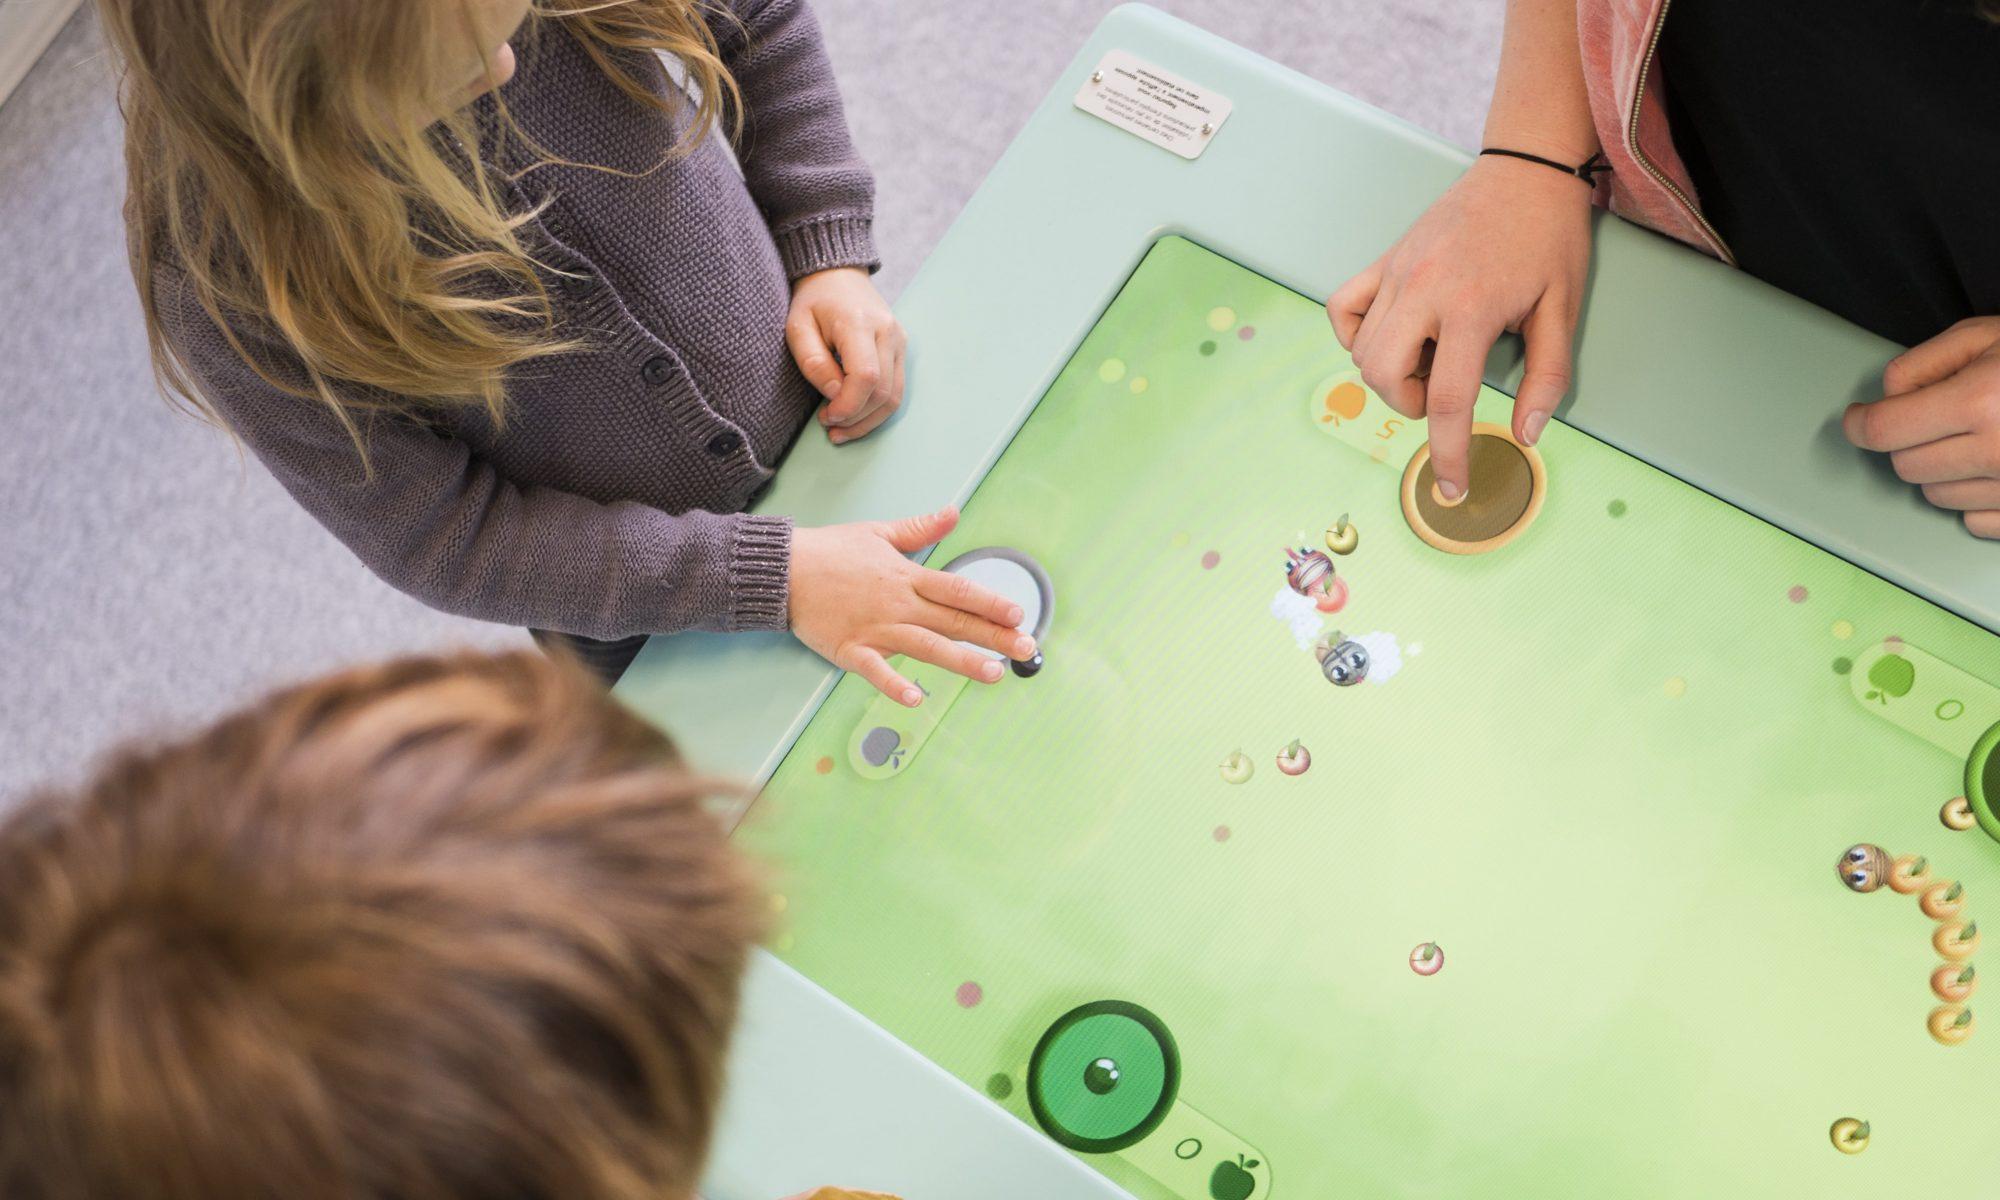 Des Jeux Ludiques Et Intelligents Pour Tables Tactiles, C concernant Jeux Intelligents Pour Enfants